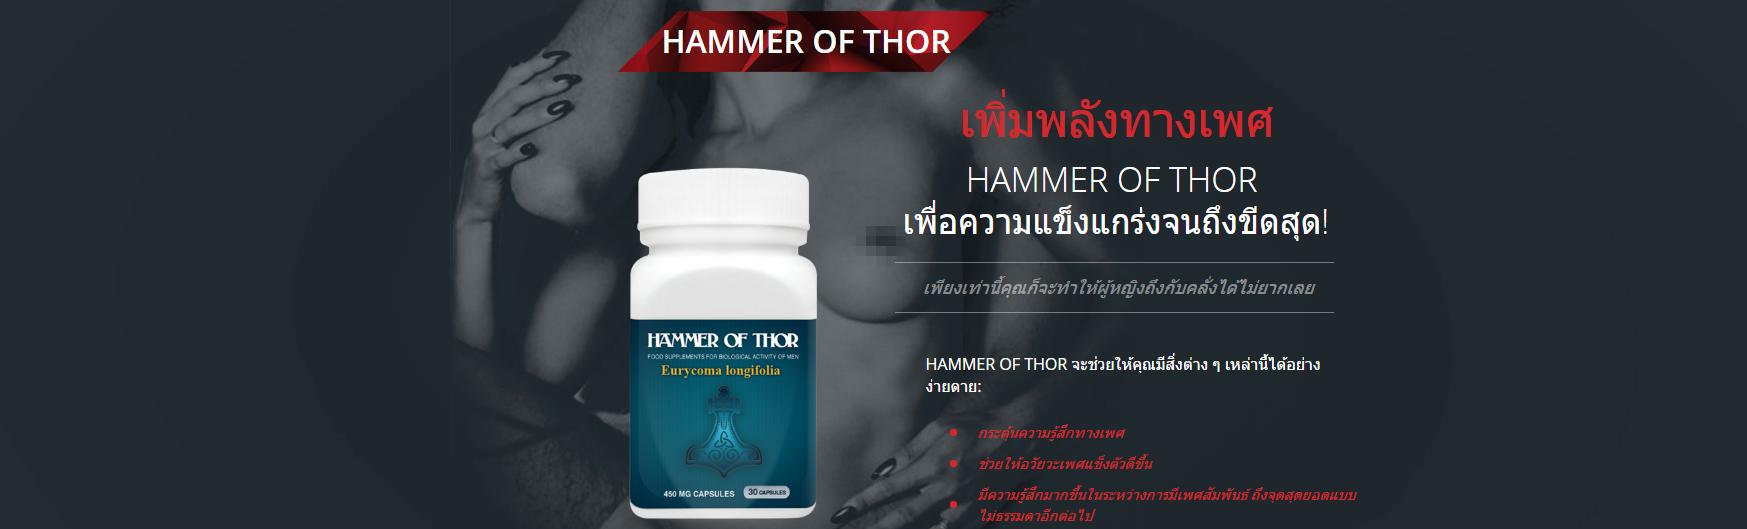 hammer-thor-thailand